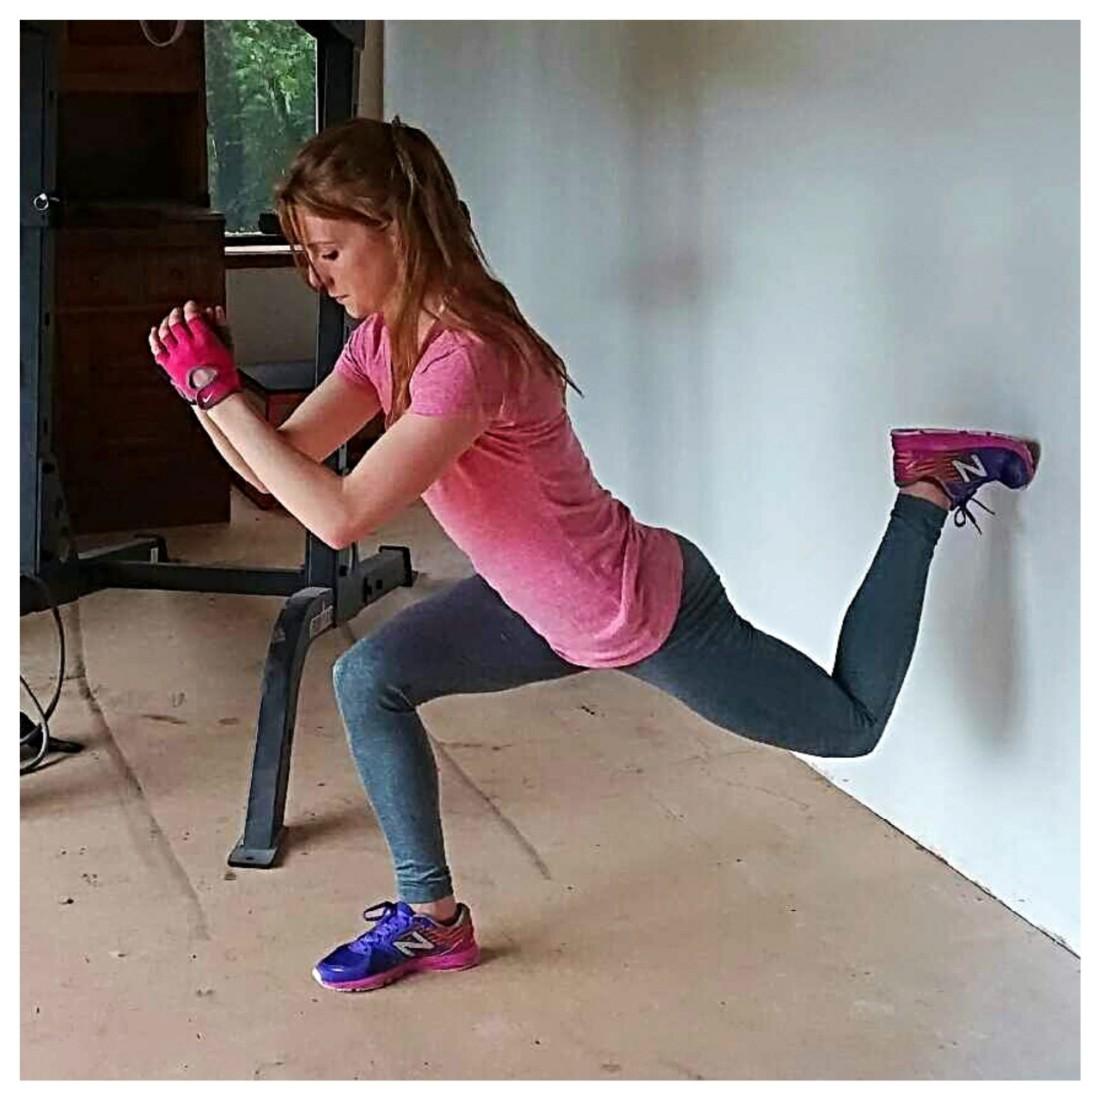 lunge squat